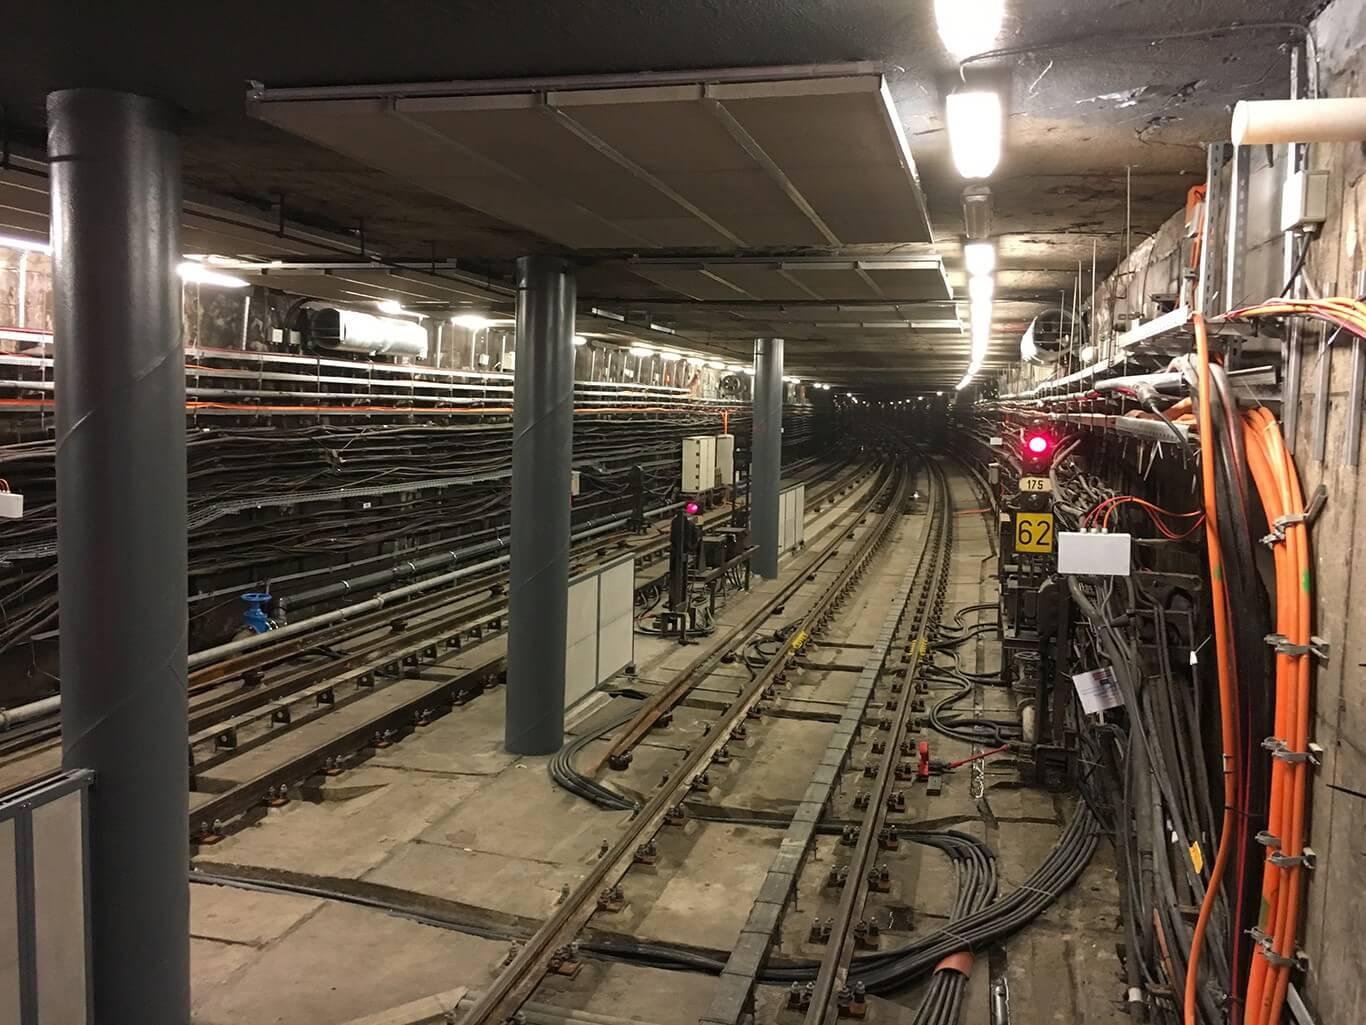 Rákospalotai szárnyvonalat is kaphat a 3-as metró